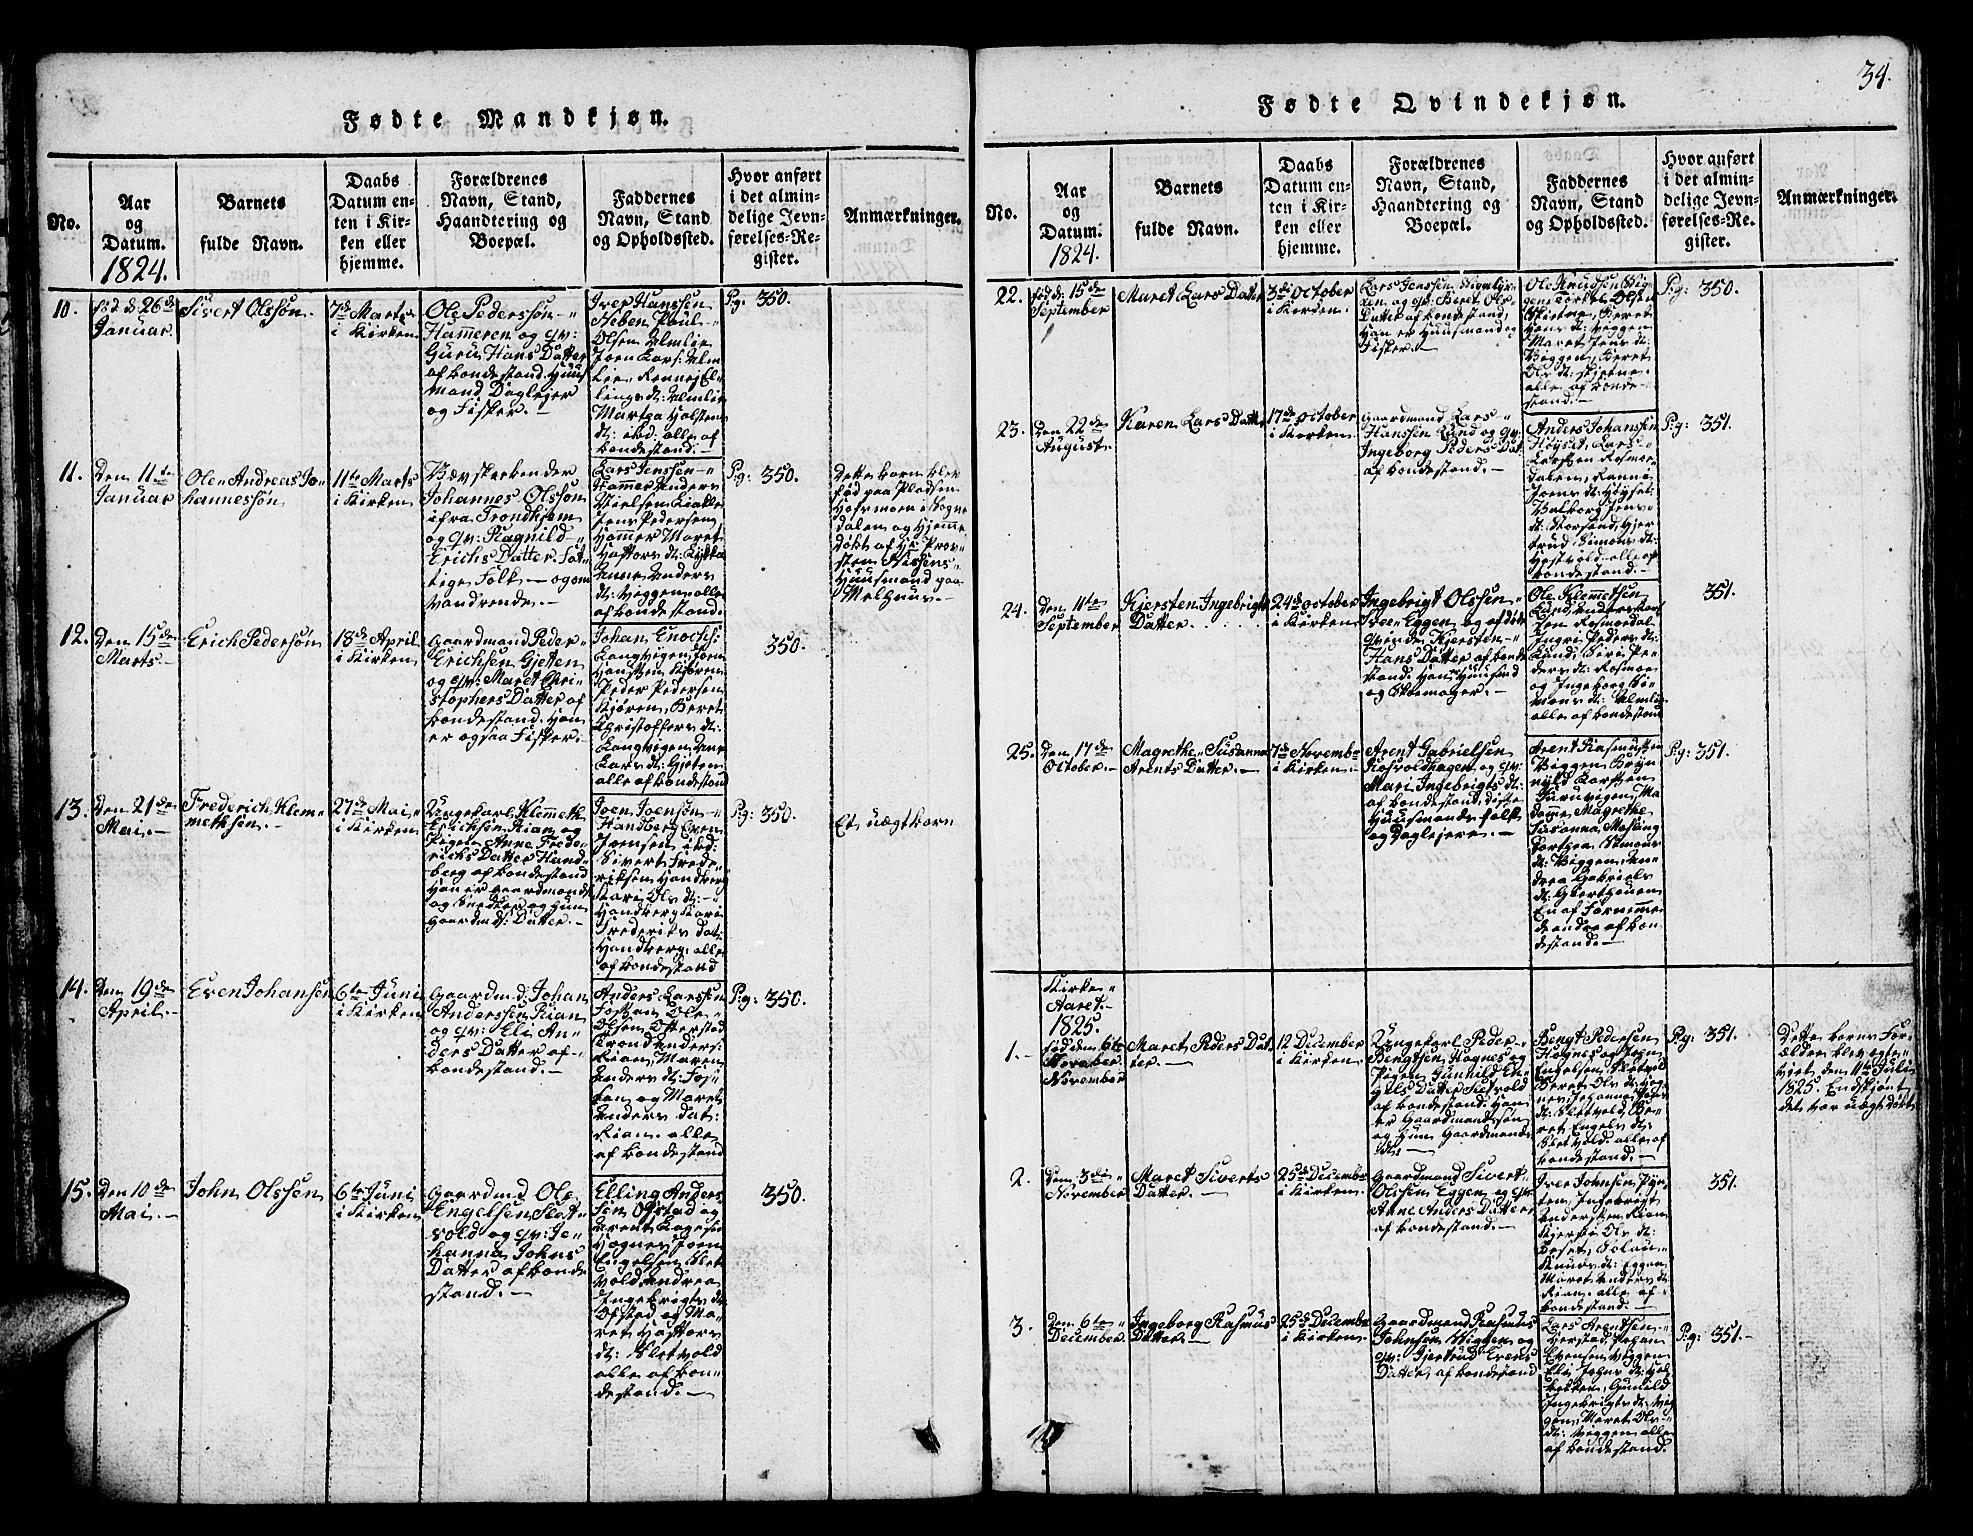 SAT, Ministerialprotokoller, klokkerbøker og fødselsregistre - Sør-Trøndelag, 665/L0776: Klokkerbok nr. 665C01, 1817-1837, s. 34